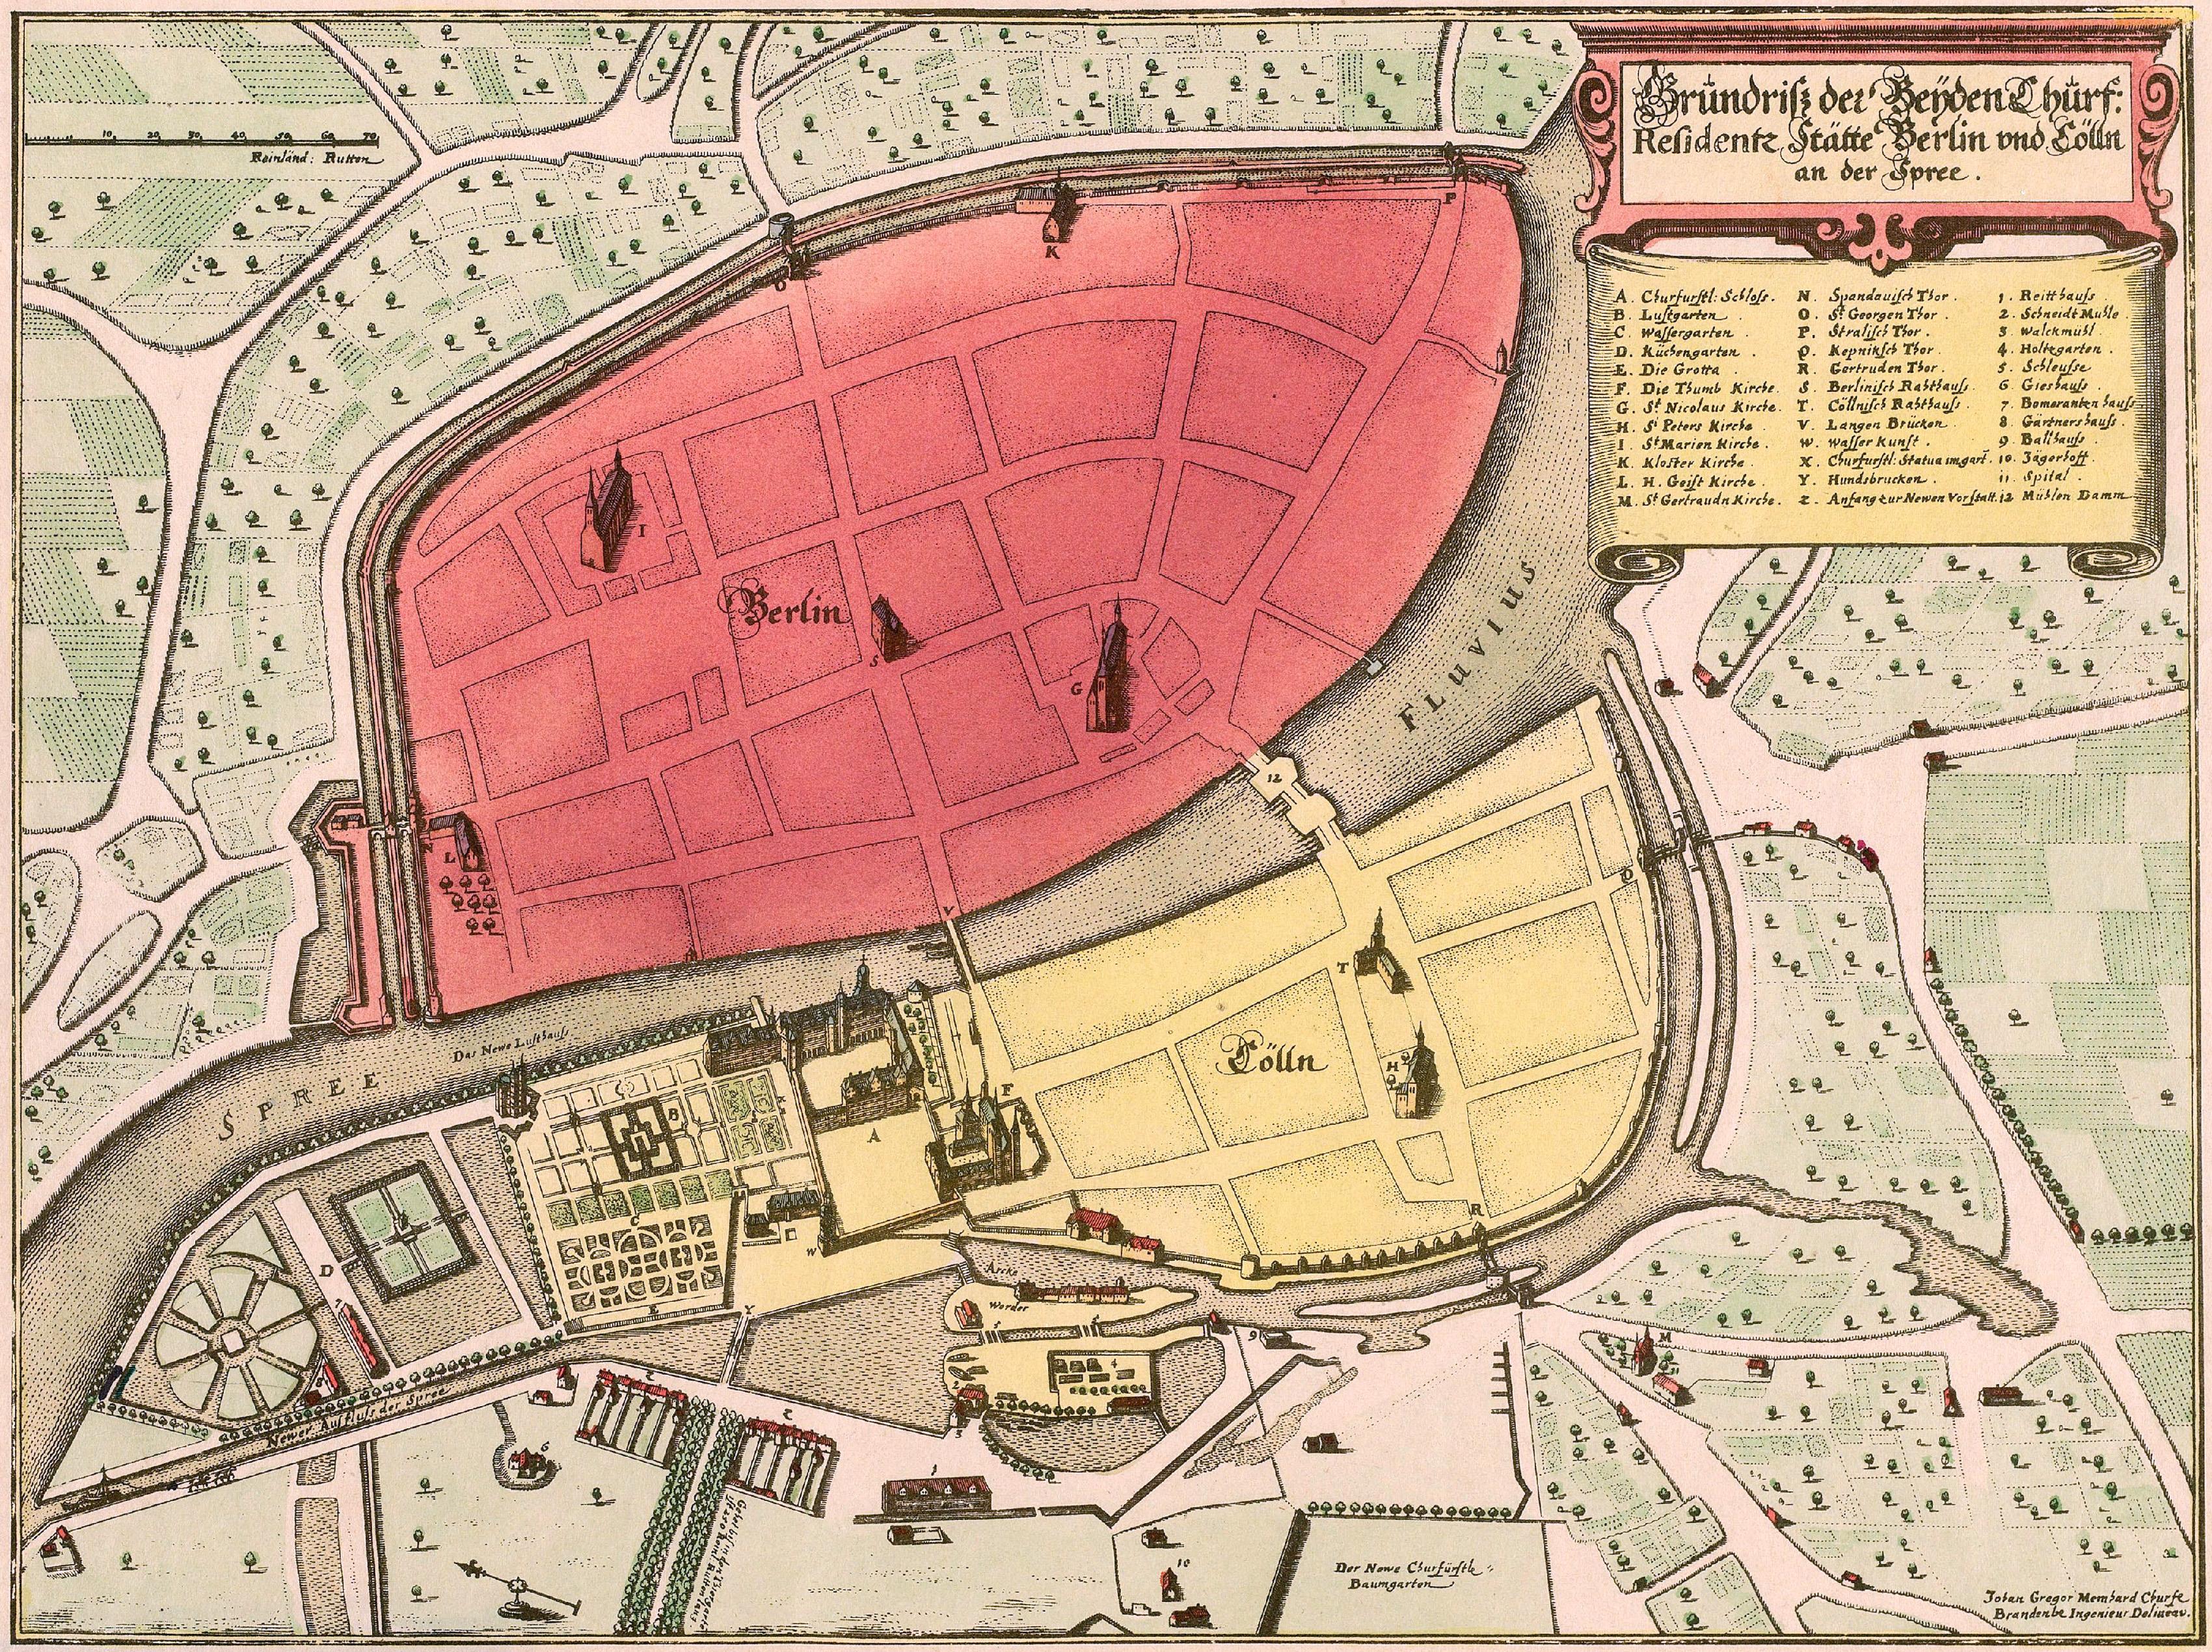 Bild von Berlin: Memhardt Grundriß der Beyden Churf. Residentz Stätte Berlin und Cölln 1652 (1888)